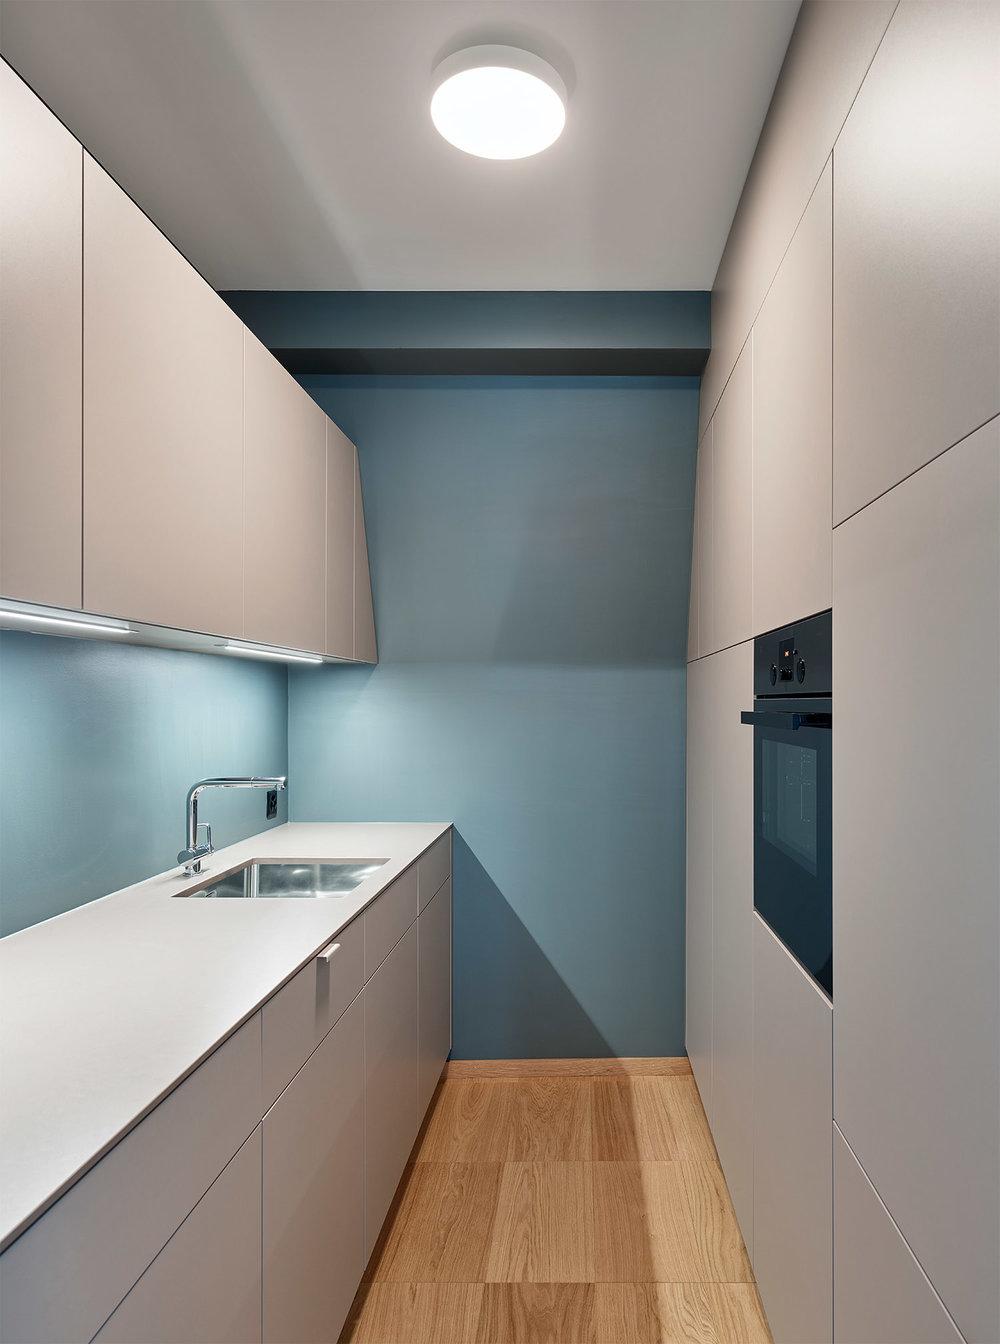 Bürogestaltung, Küche, Wandfarbe Farrow and Ball, Bodenbelag Bauwerk